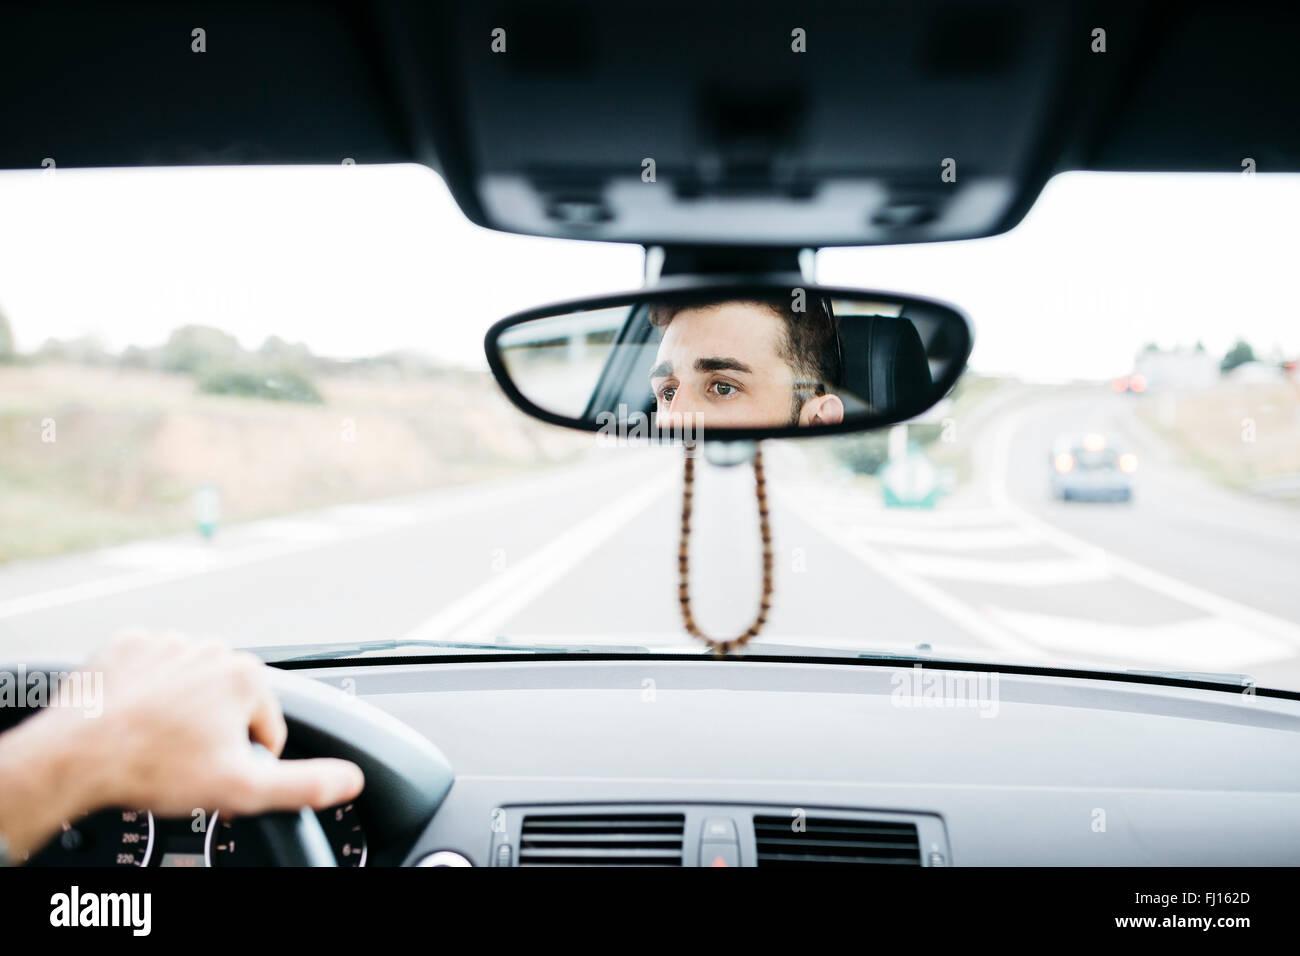 Joven conduciendo un coche, cerca del retrovisor Imagen De Stock